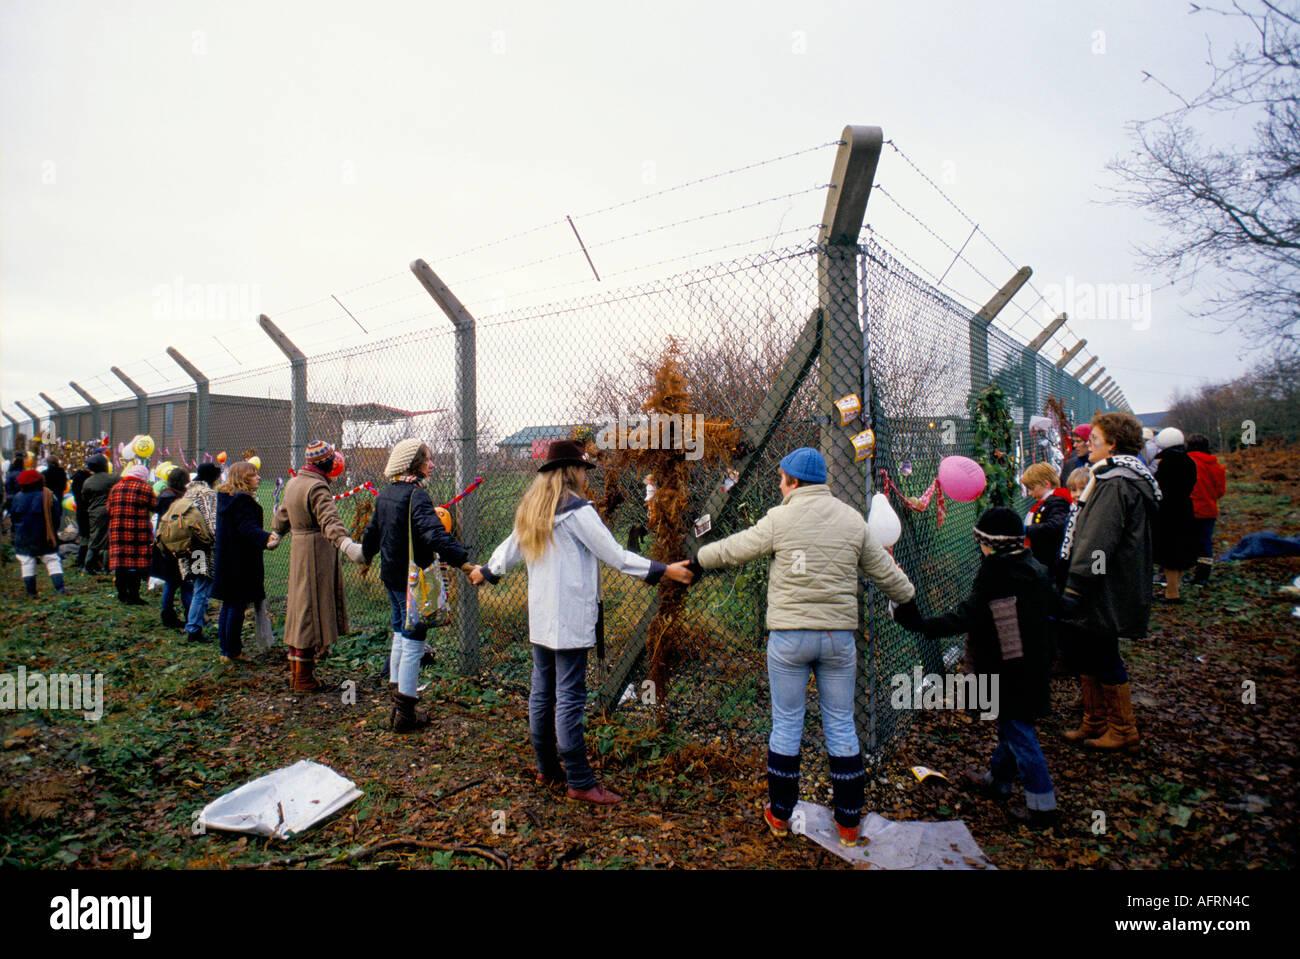 Greenham Common mouvement des femmes pour la paix. 'Embrasser la Base' 1982 protestation pacifique. 1980 UK HOMER SYKES Photo Stock